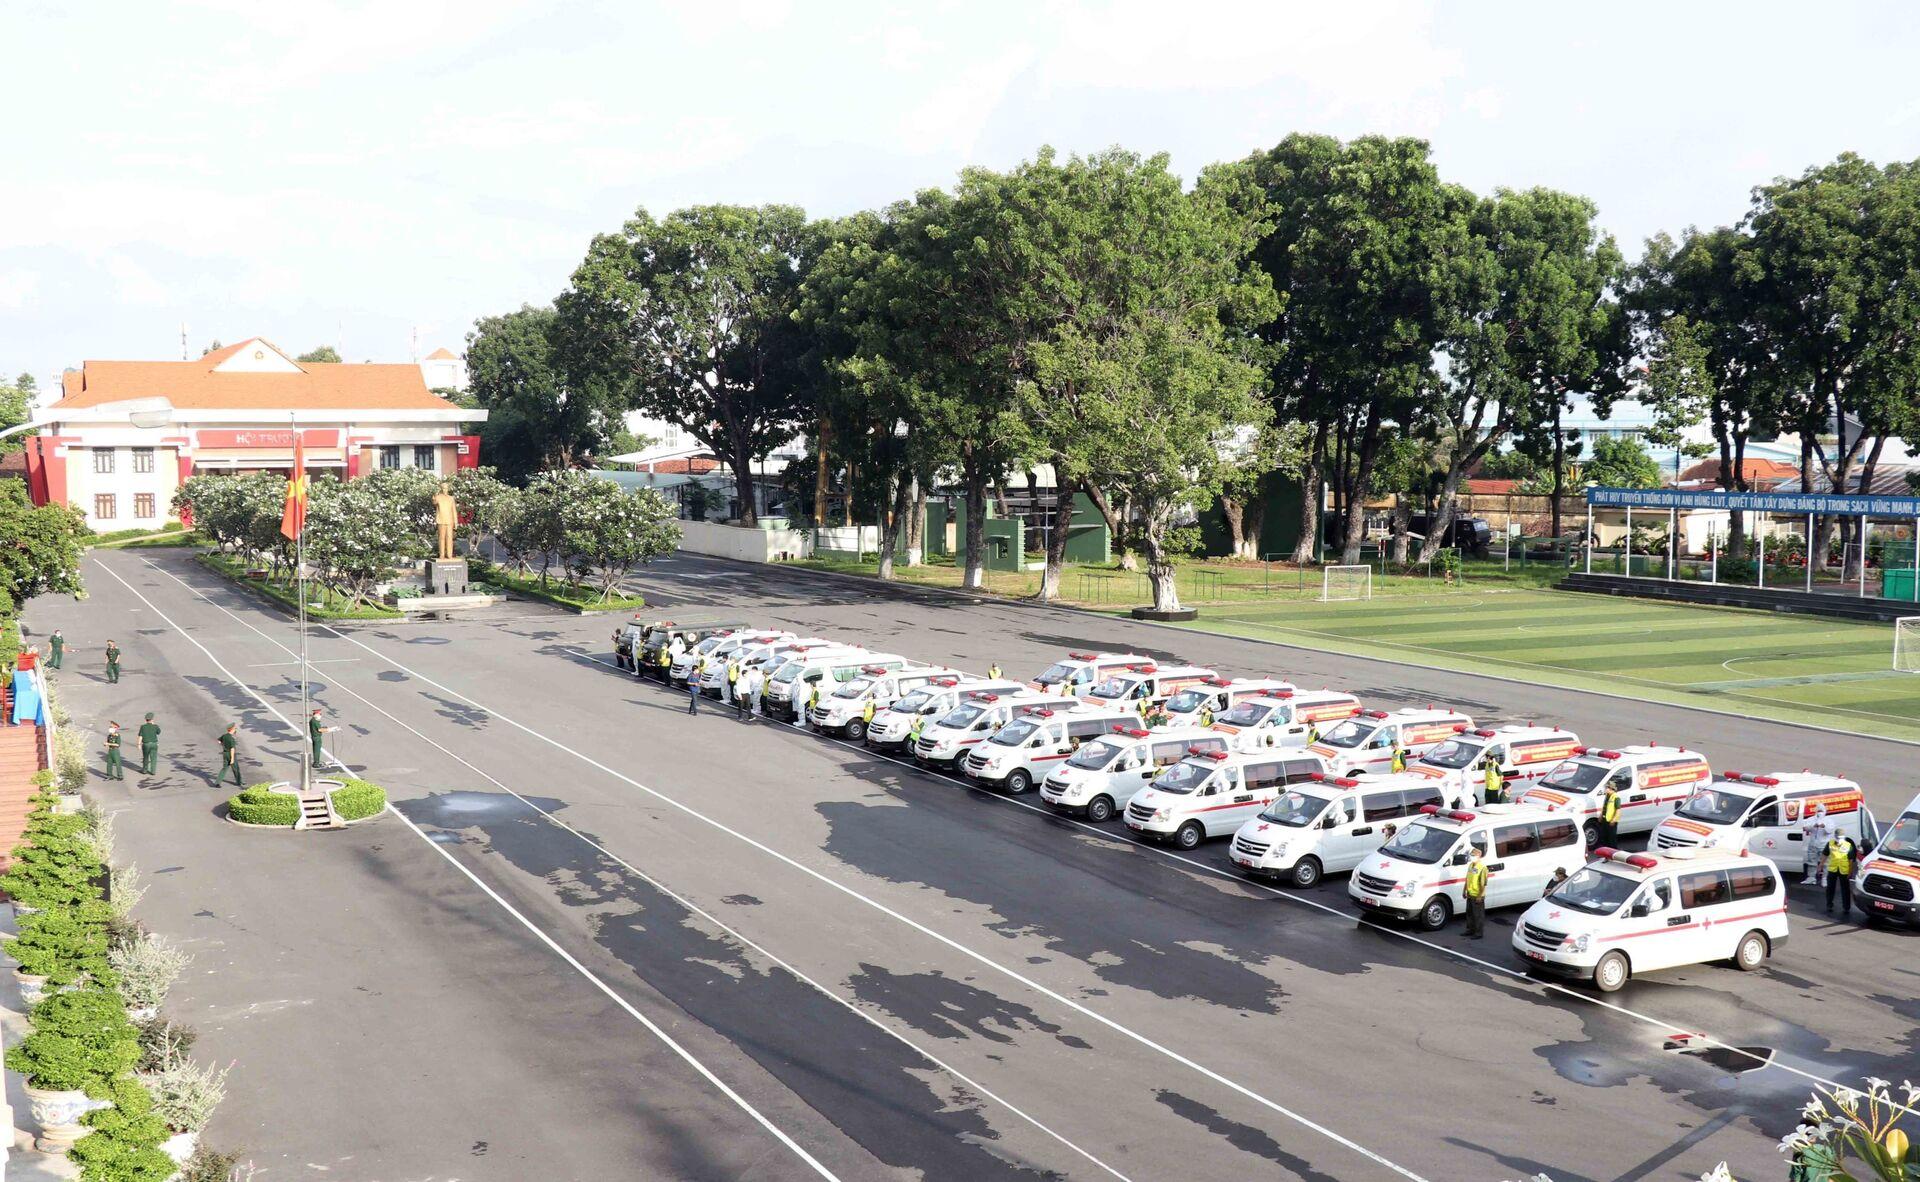 Bộ Quốc phòng bàn giao cho Thành phố 30 xe cứu thương cùng lái xe, cán bộ quân y theo kèm để hỗ trợ công tác phòng, chống dịch COVID-19 - Sputnik Việt Nam, 1920, 05.10.2021